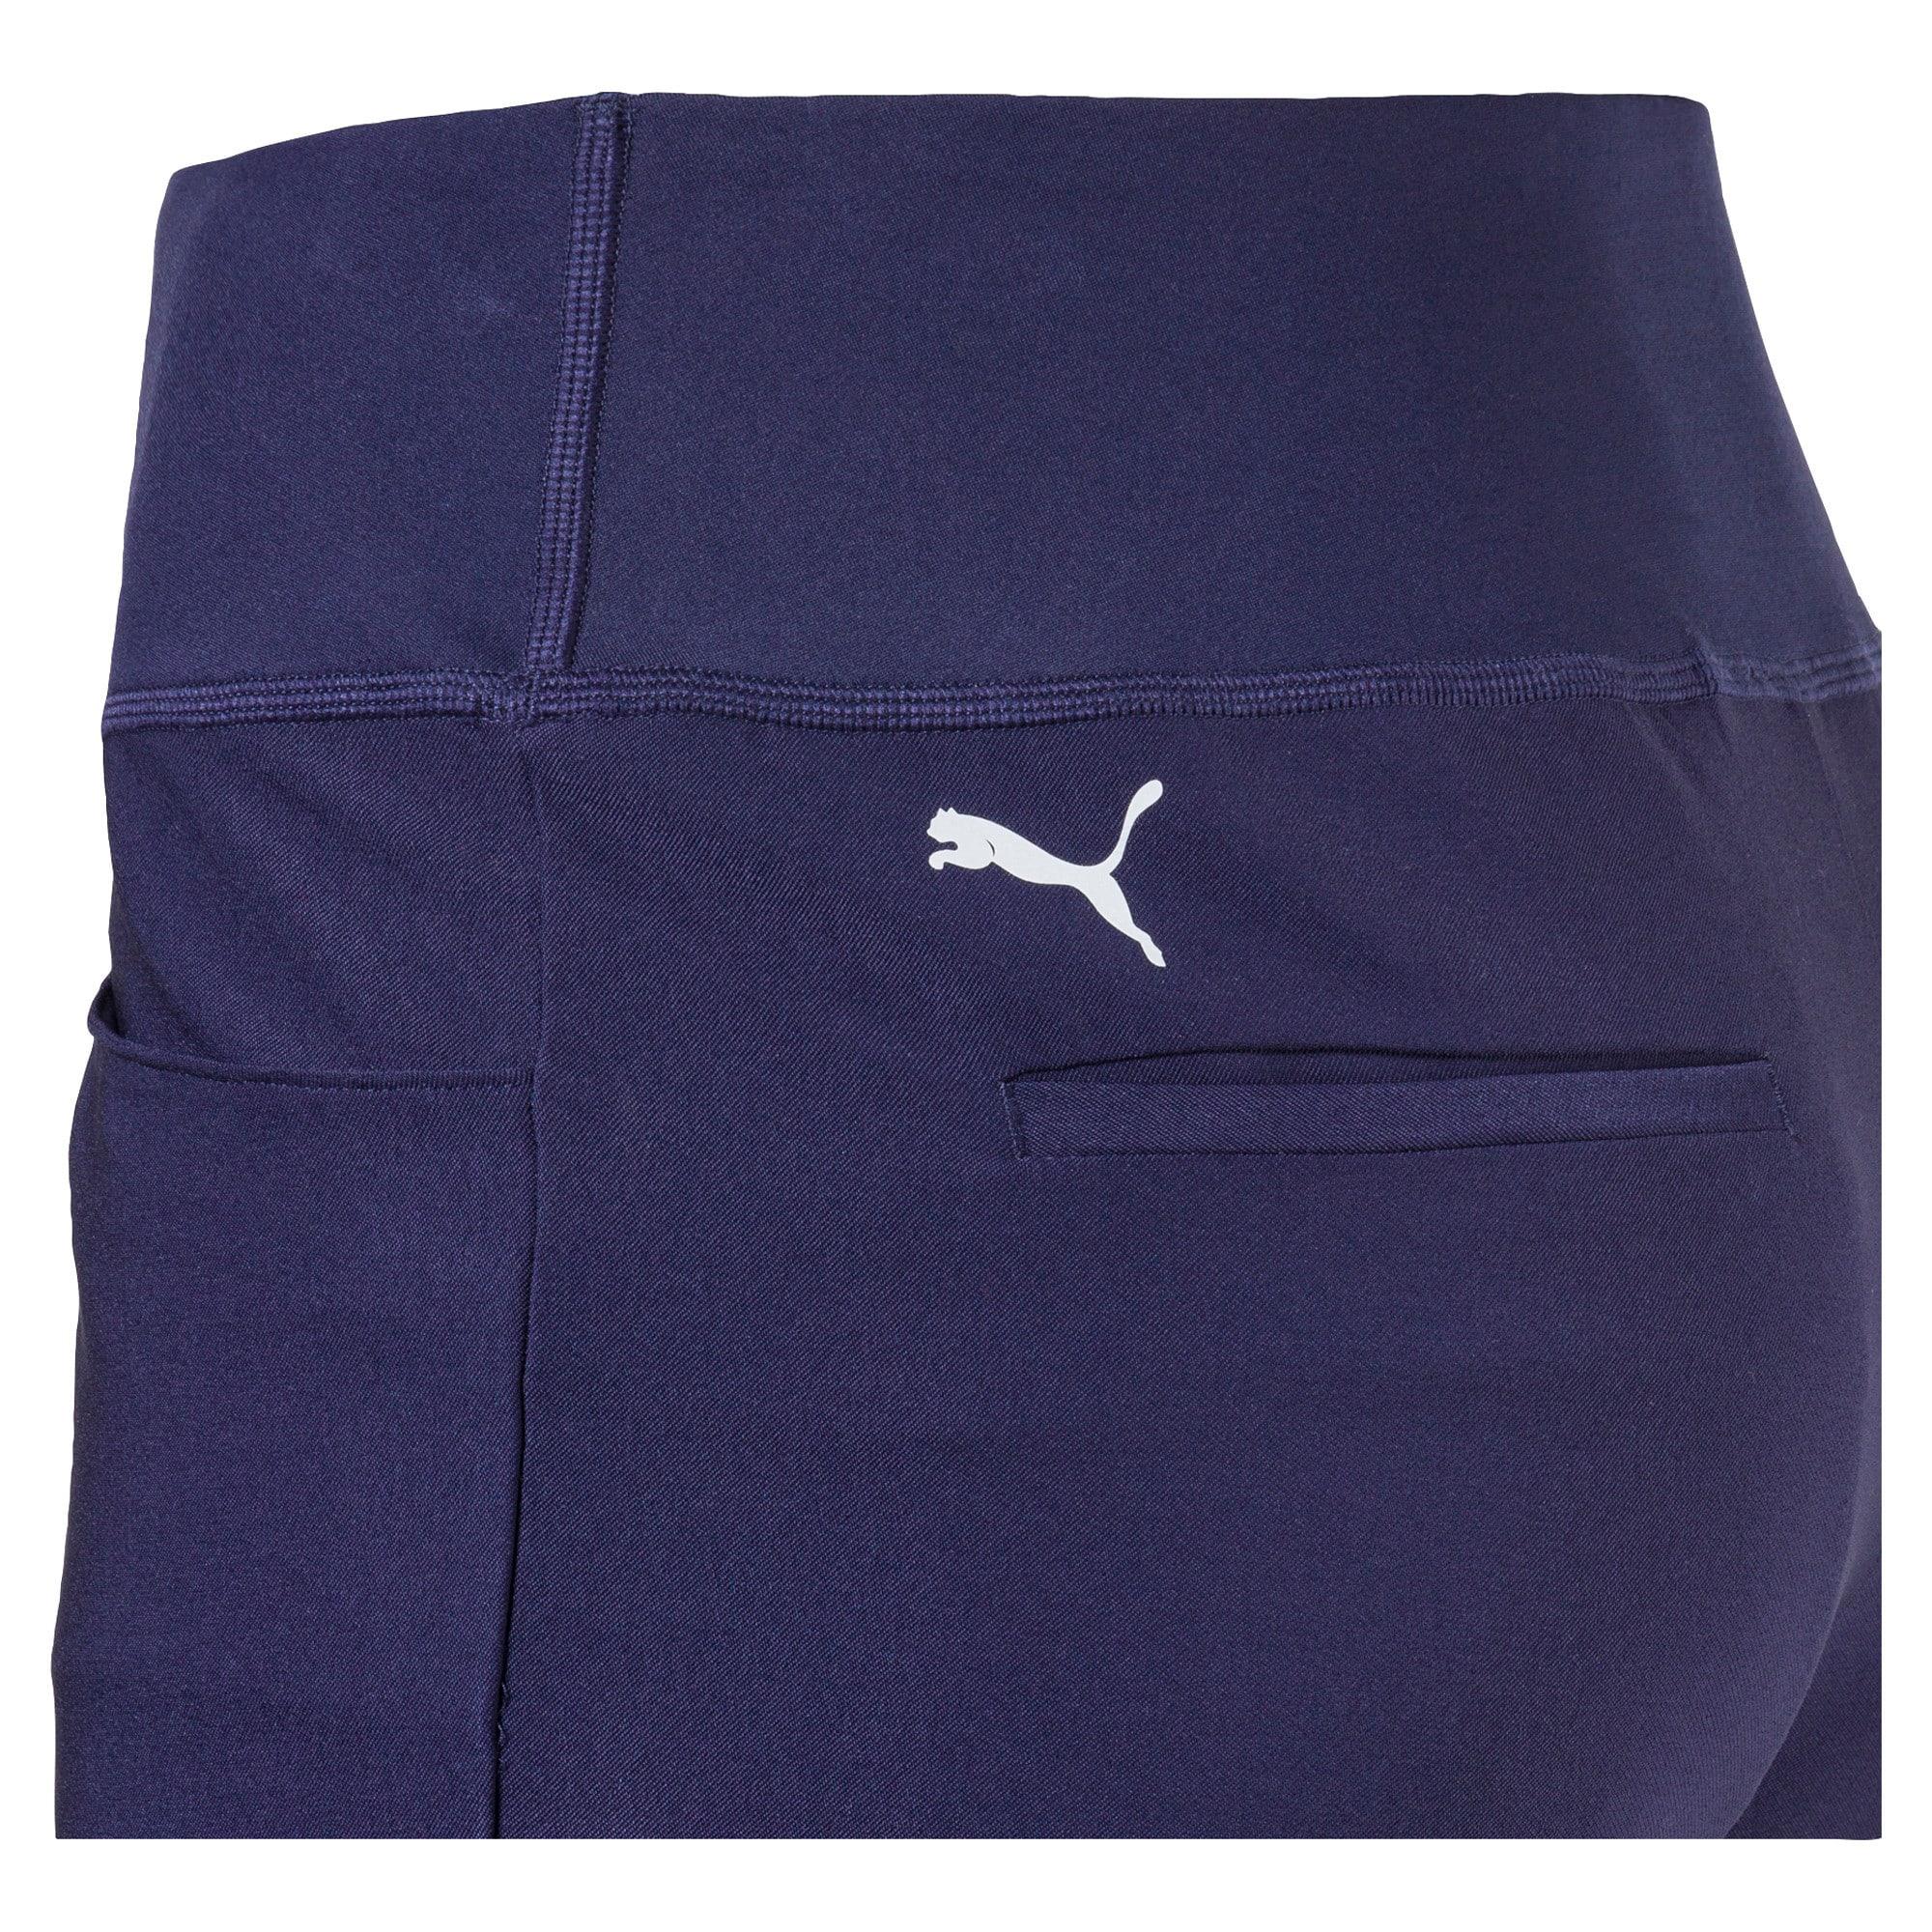 Thumbnail 6 of Golf - PWRSHAPE broek met elastische taille voor dames, Peacoat, medium